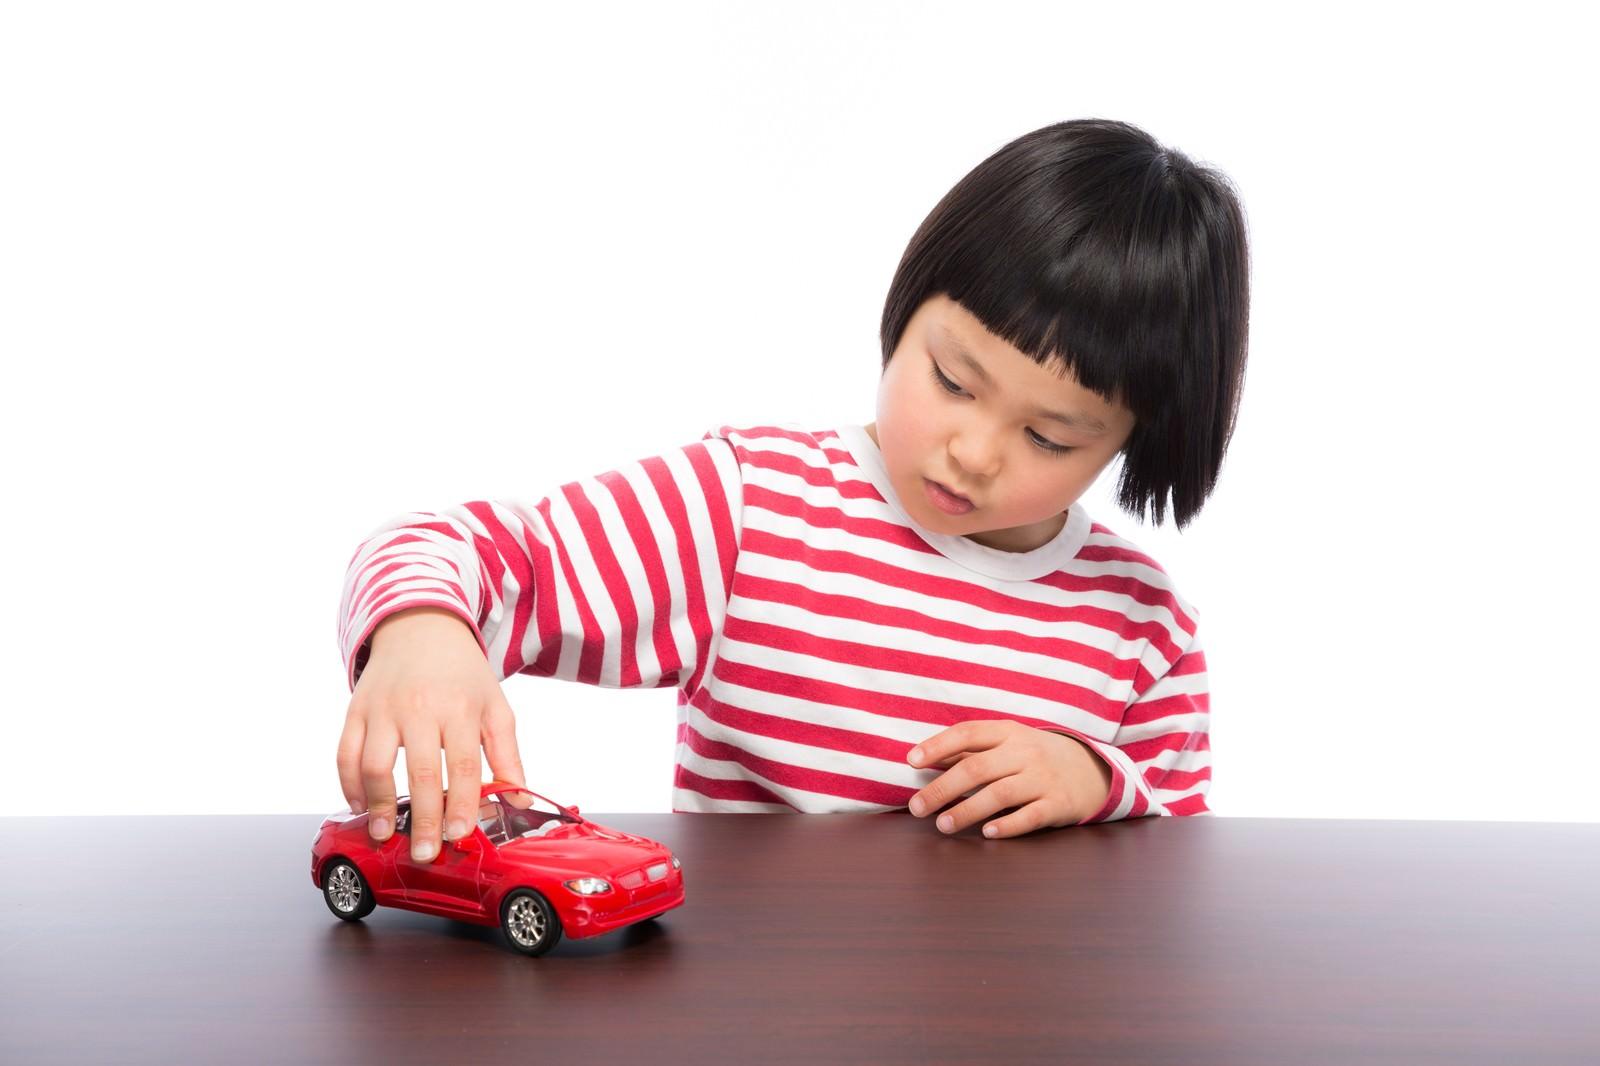 「買ってもらった車のおもちゃでブーン」の写真[モデル:ゆうき]